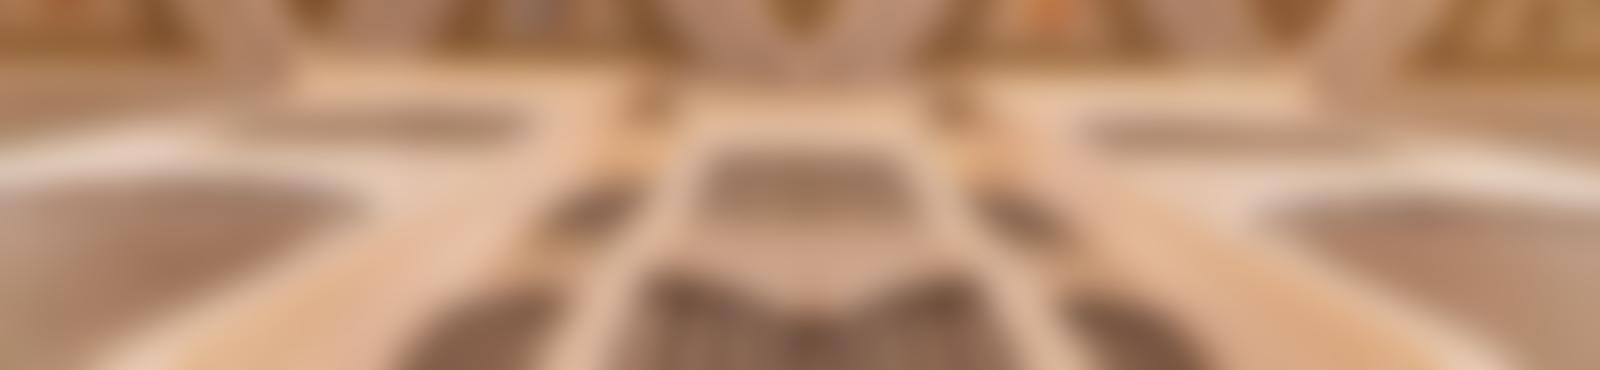 Blurred 010be7a2 16e1 4db2 a7b8 832600bc9caf